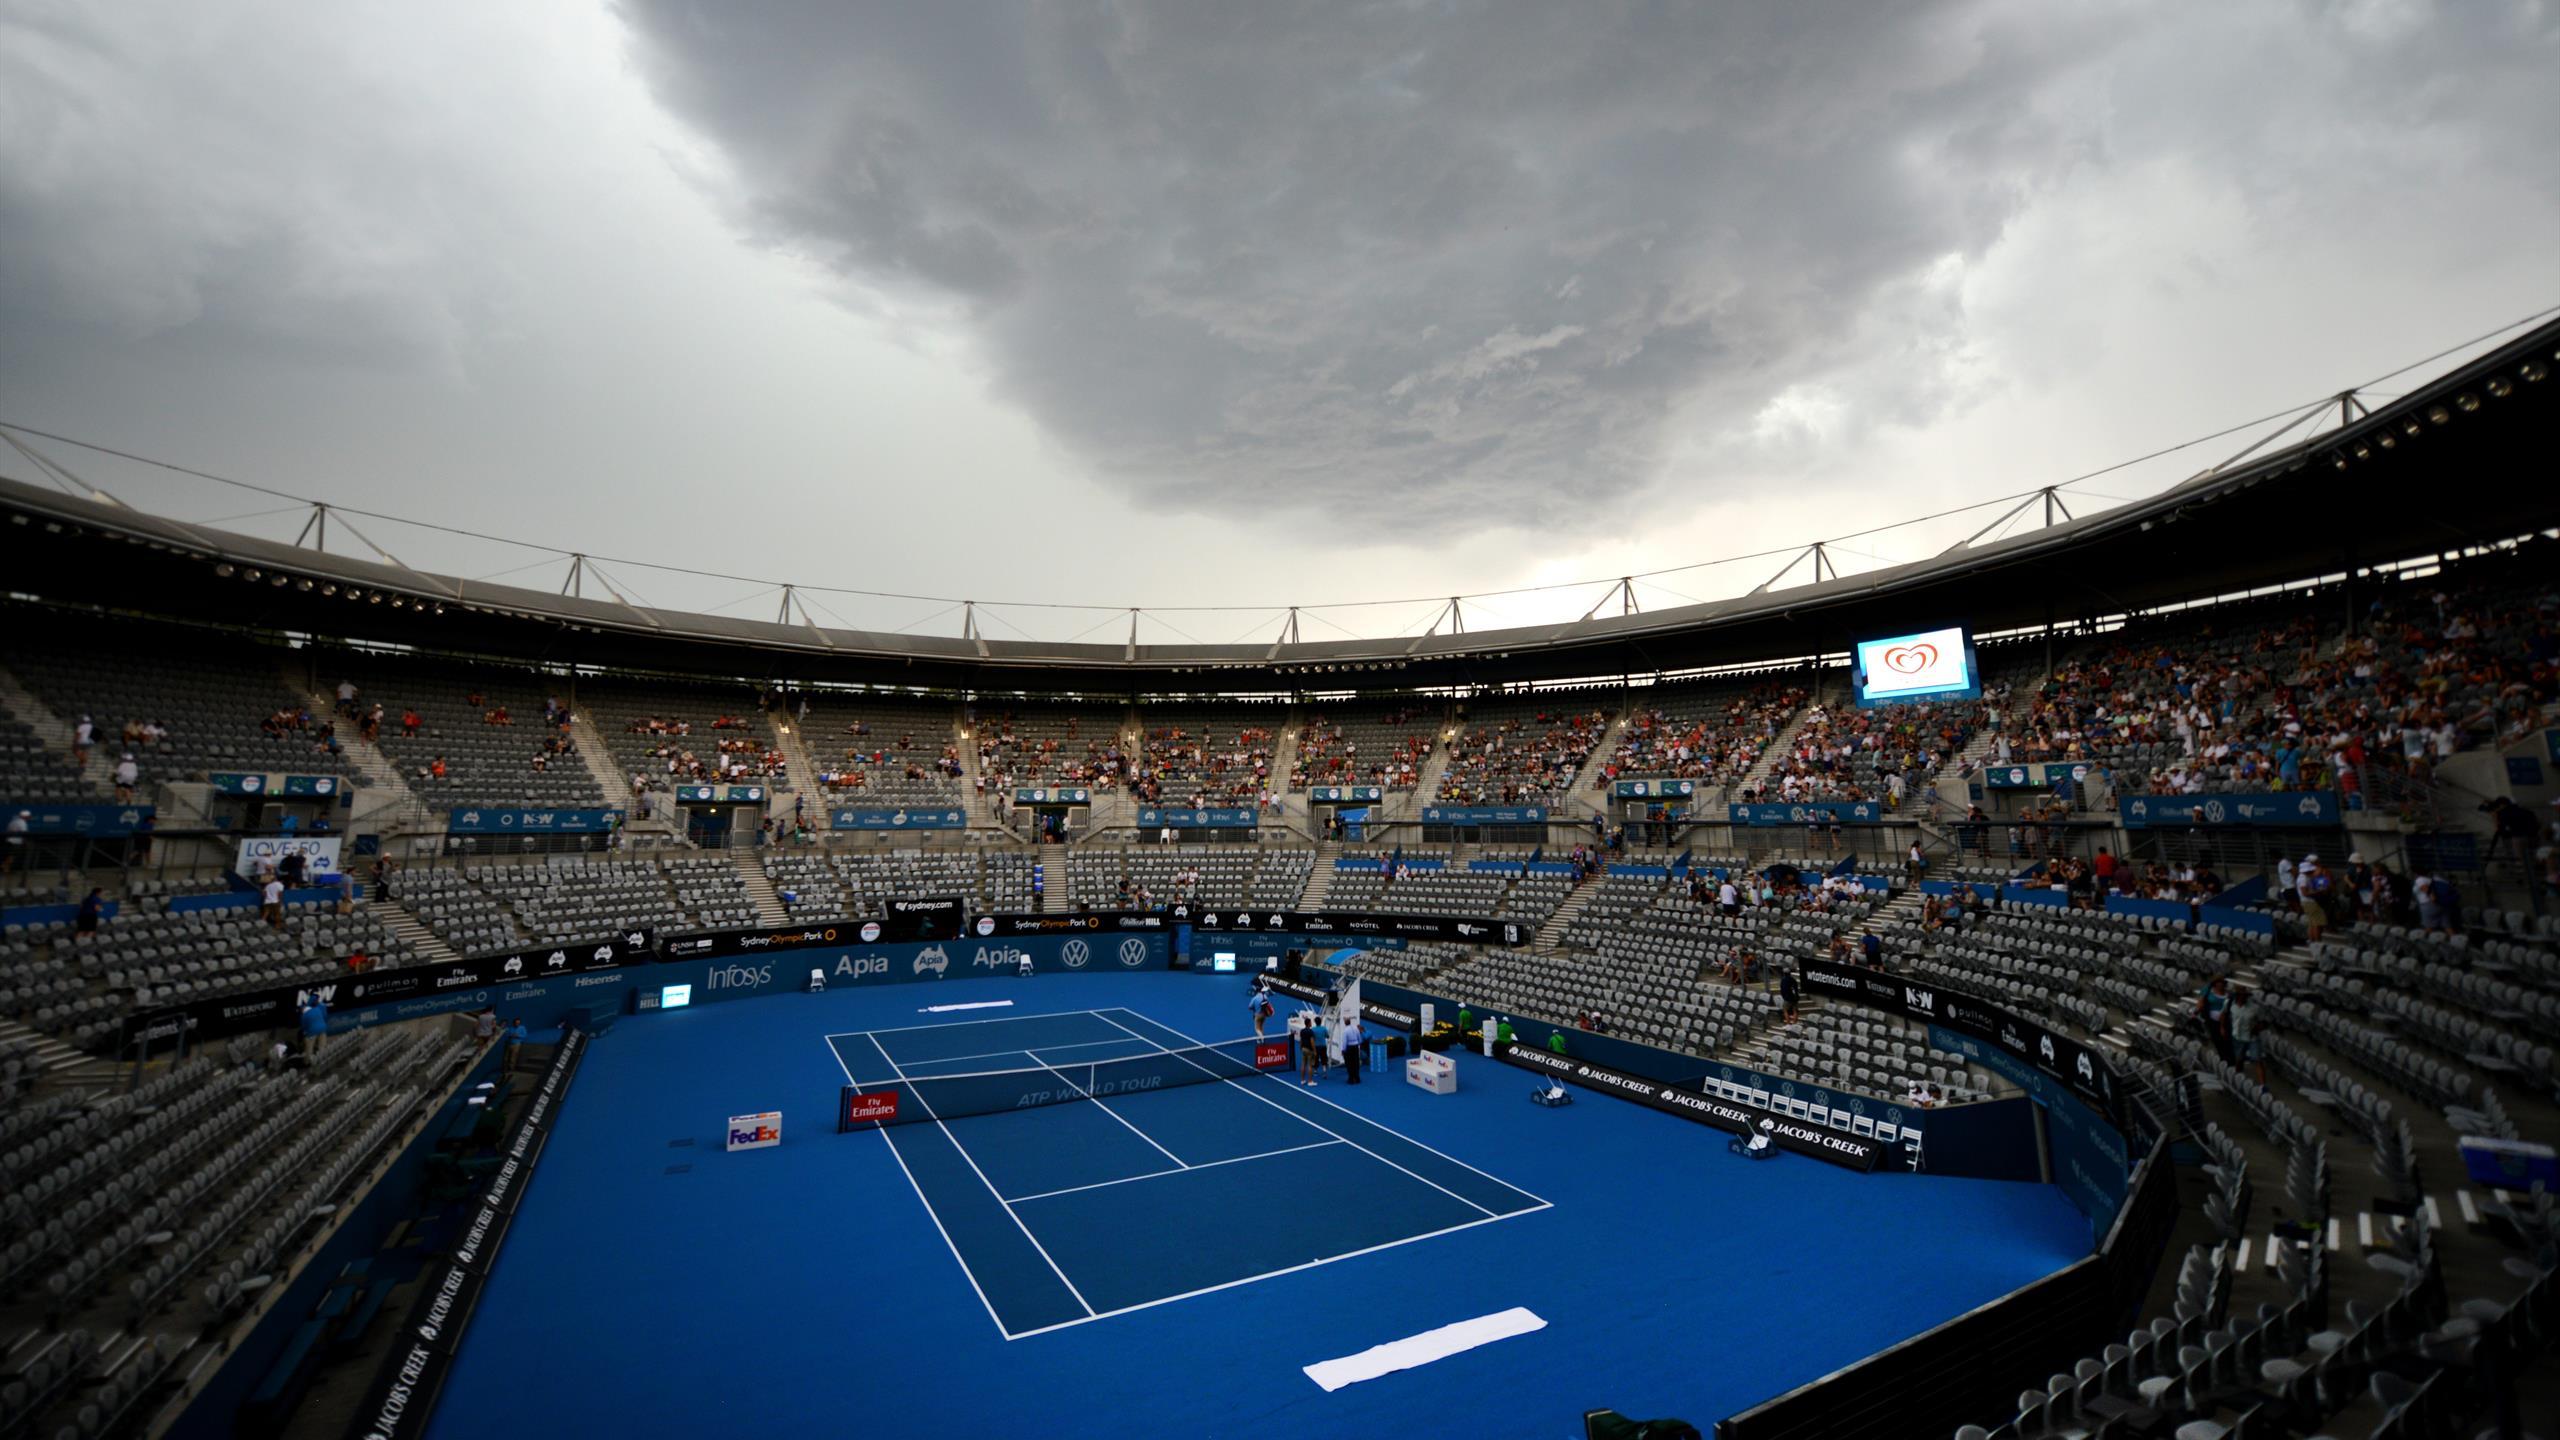 Tennis : L'ATP annonce une prolongation du gel de son classement et une hausse des primes en tournoi - Eurosport FR